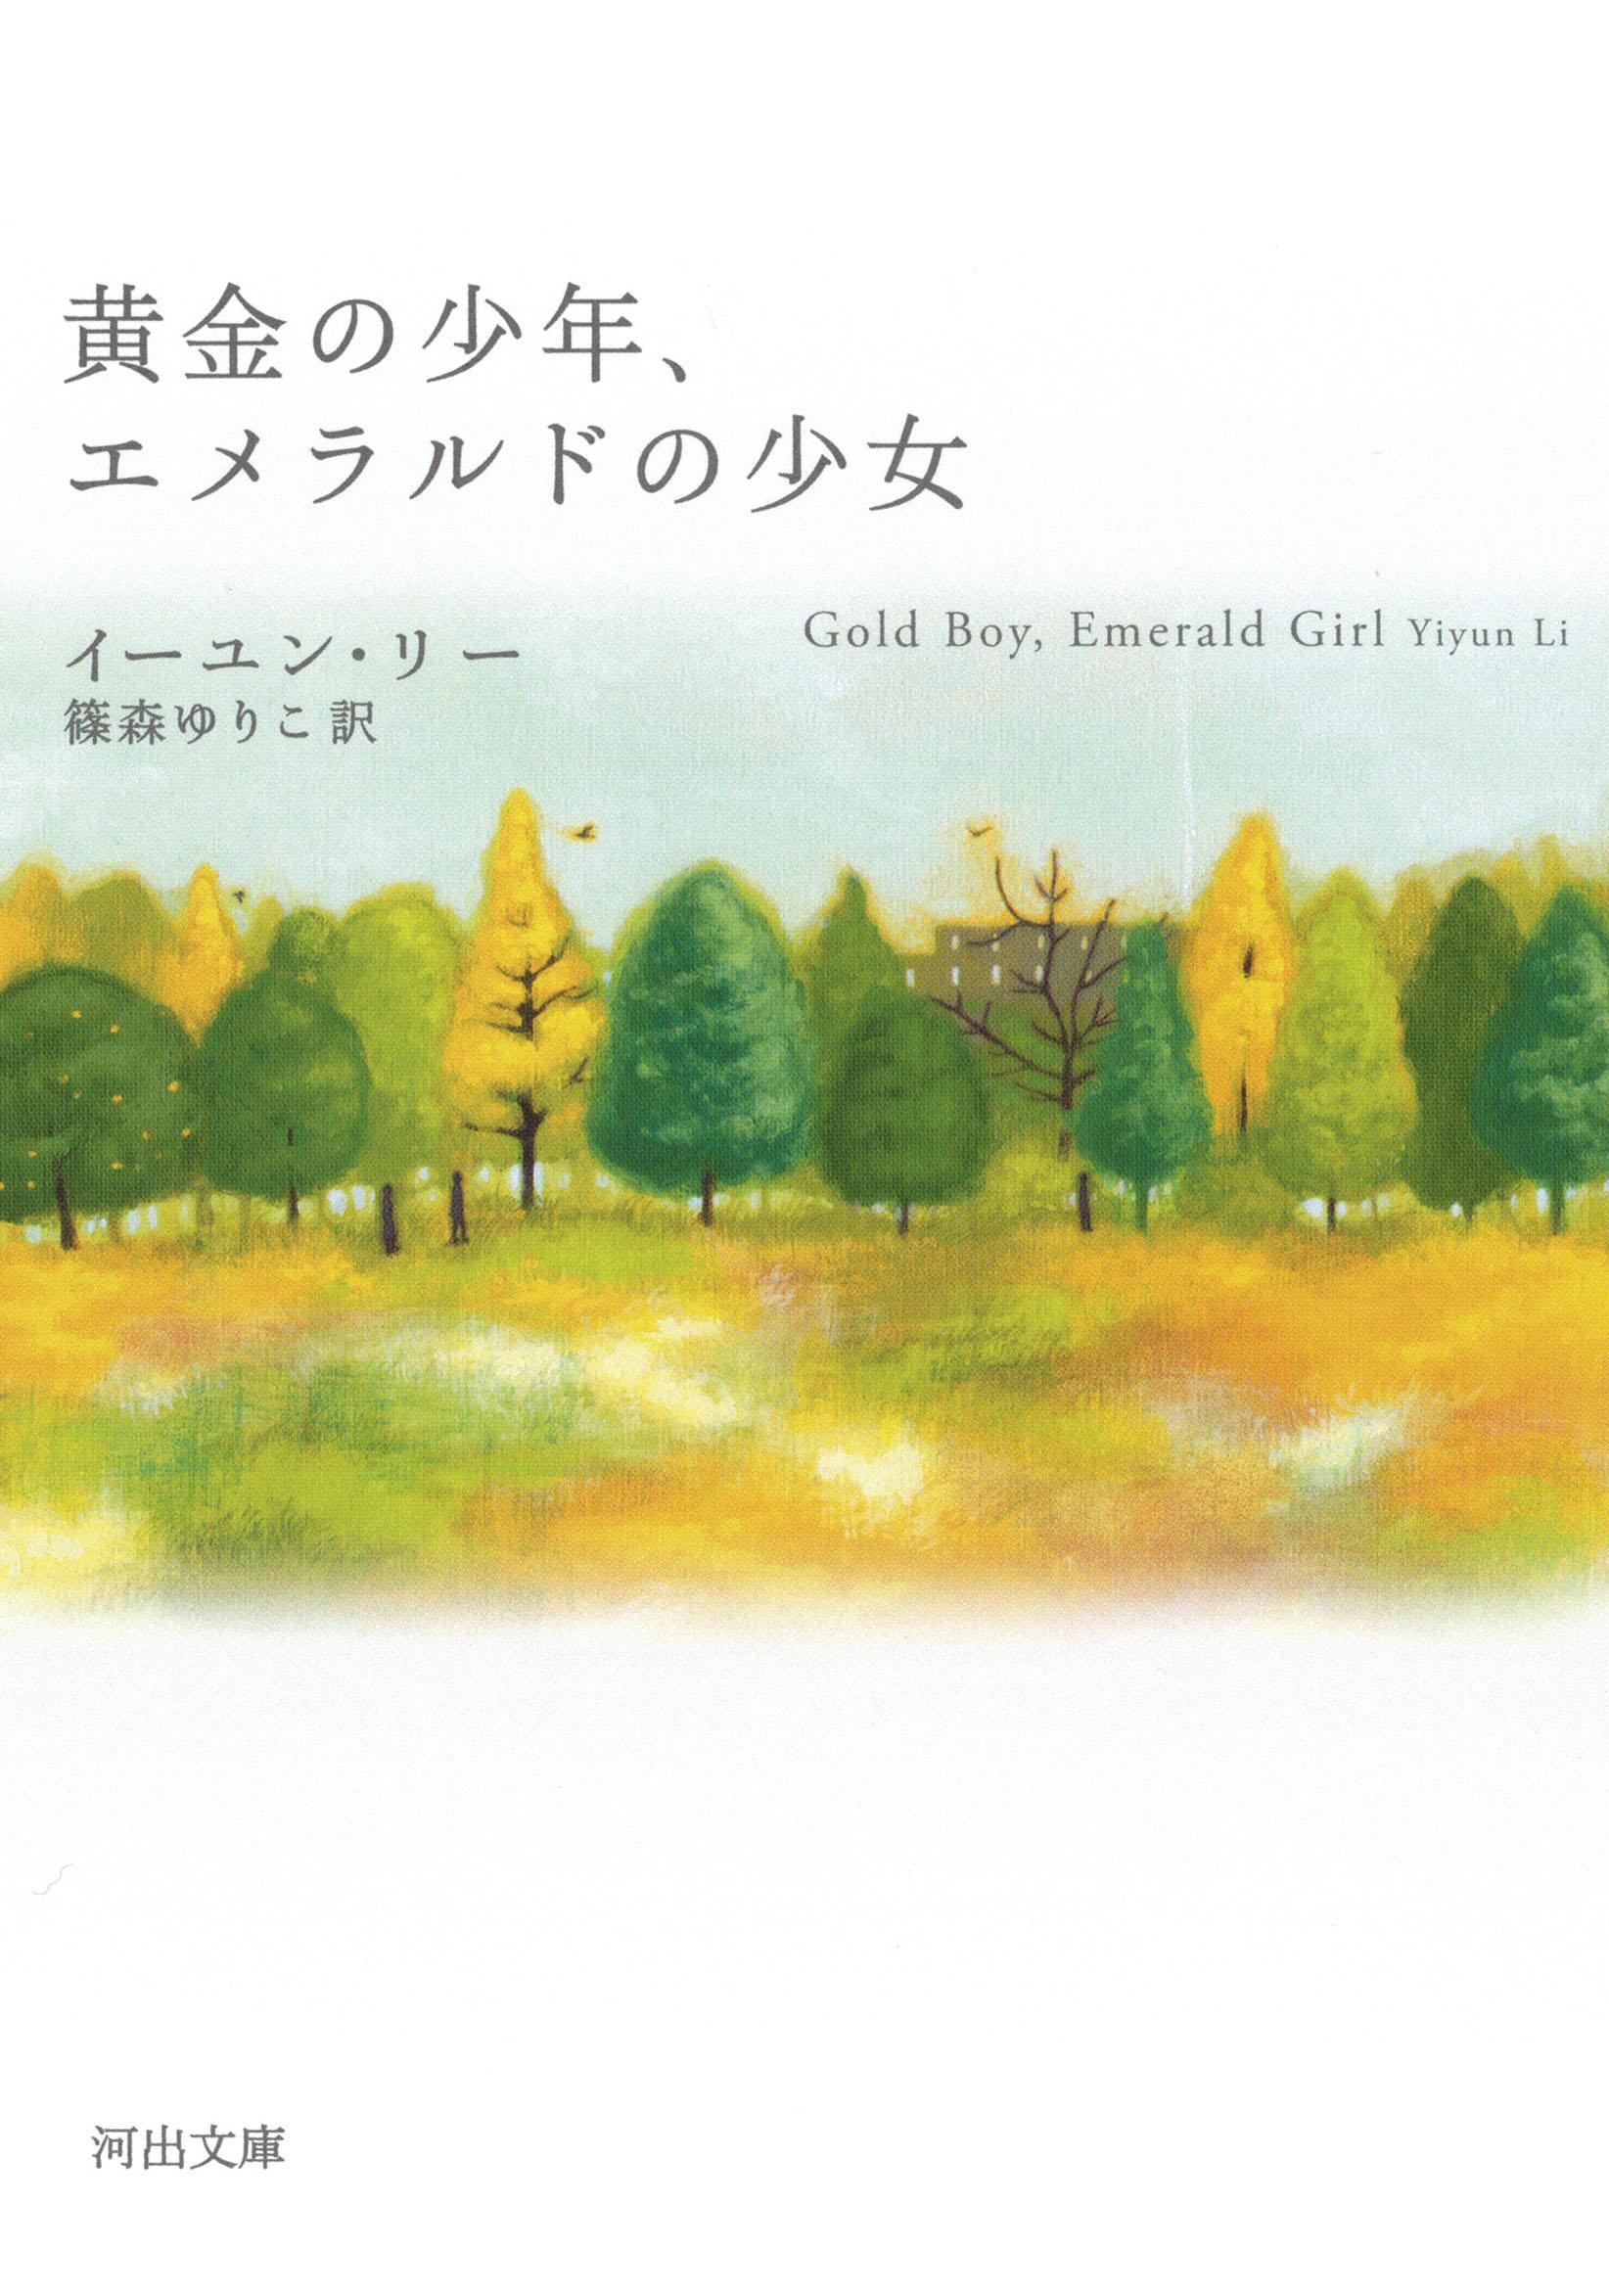 『黄金の少年、エメラルドの少女』イーユン・リー